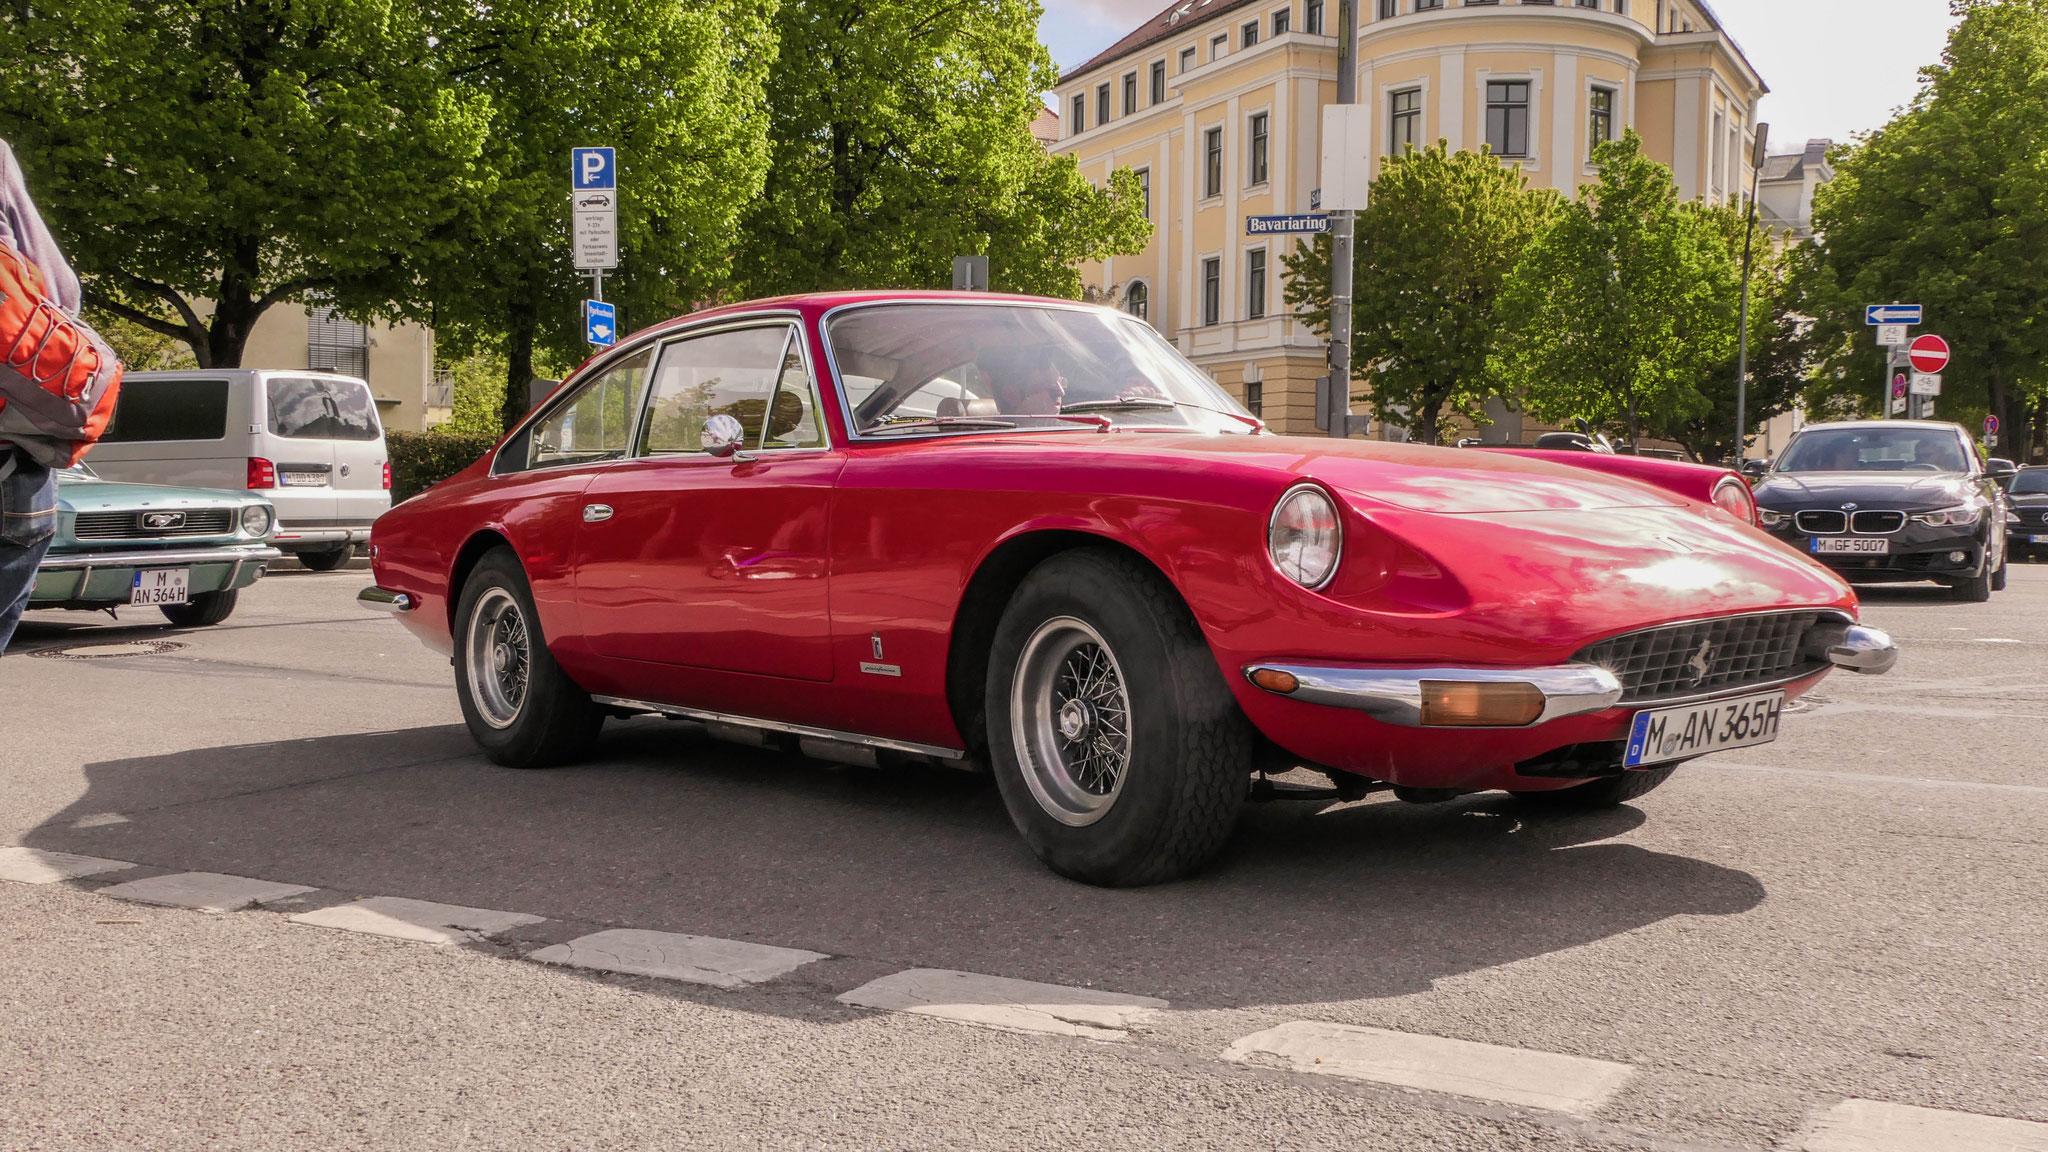 Ferrari 365 GT 2+2 - M-AN-365H